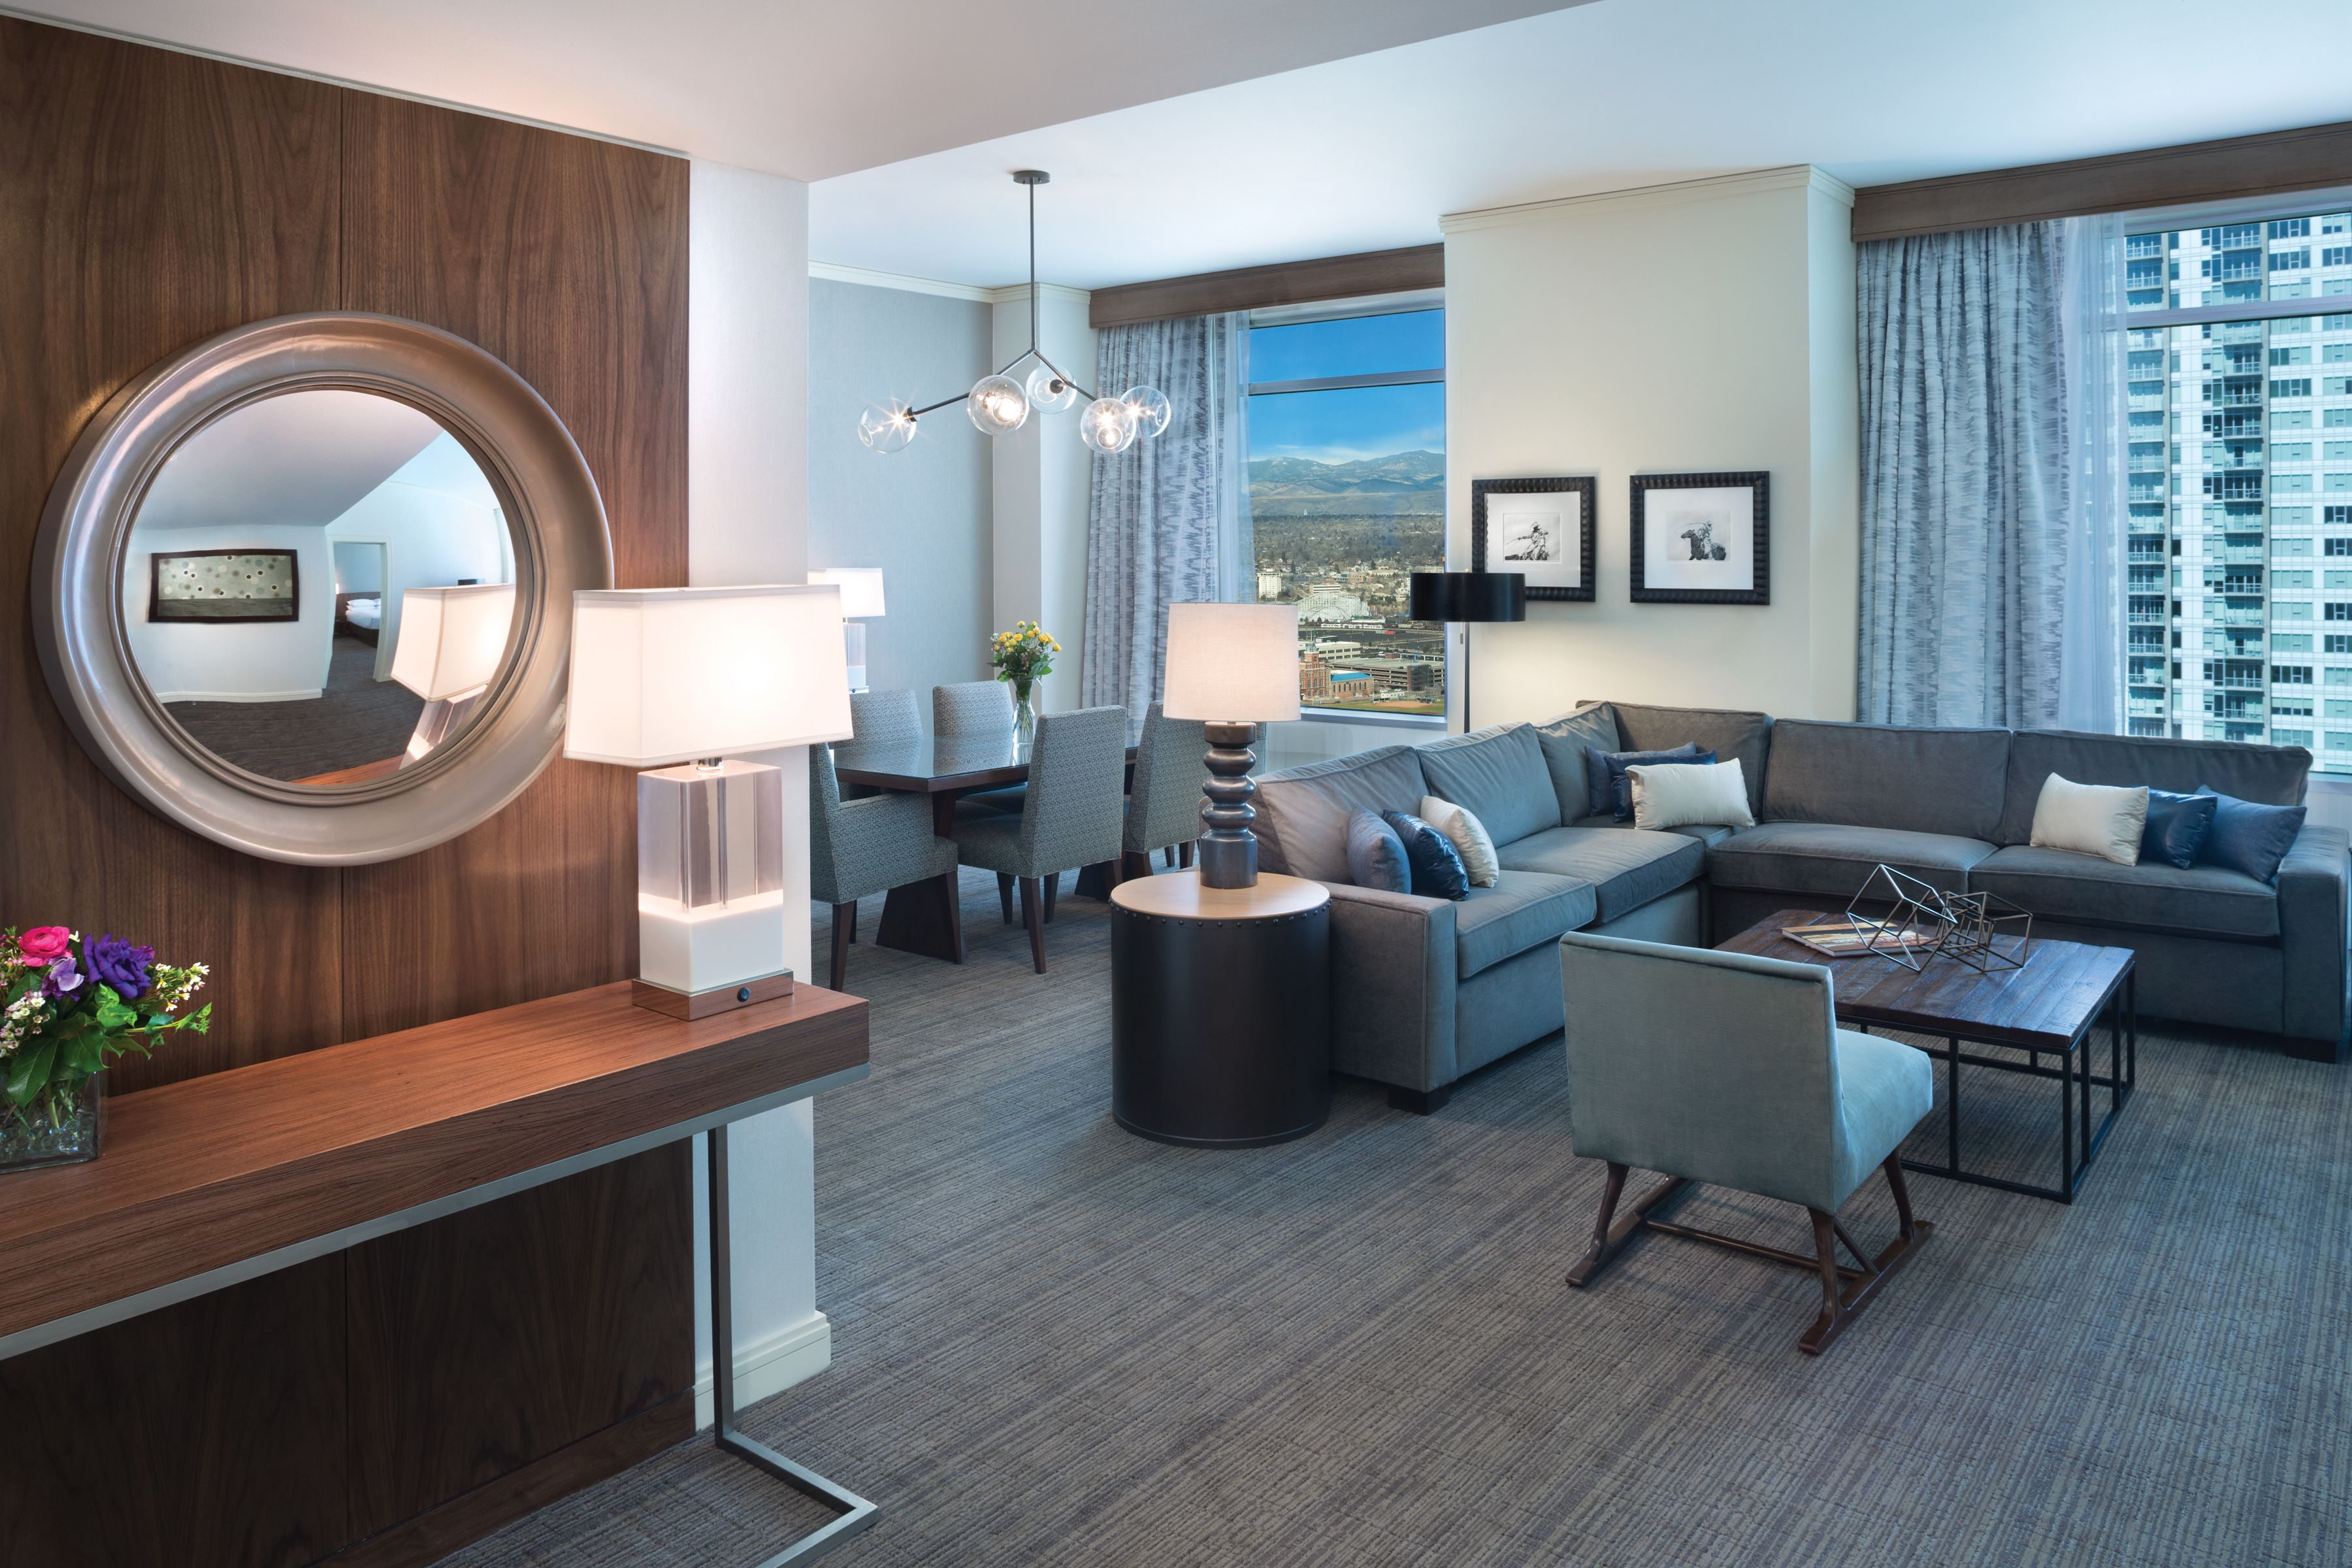 Blue Spruce Suite 1 080 Sq Ft Hyatt Regency Denver Denver